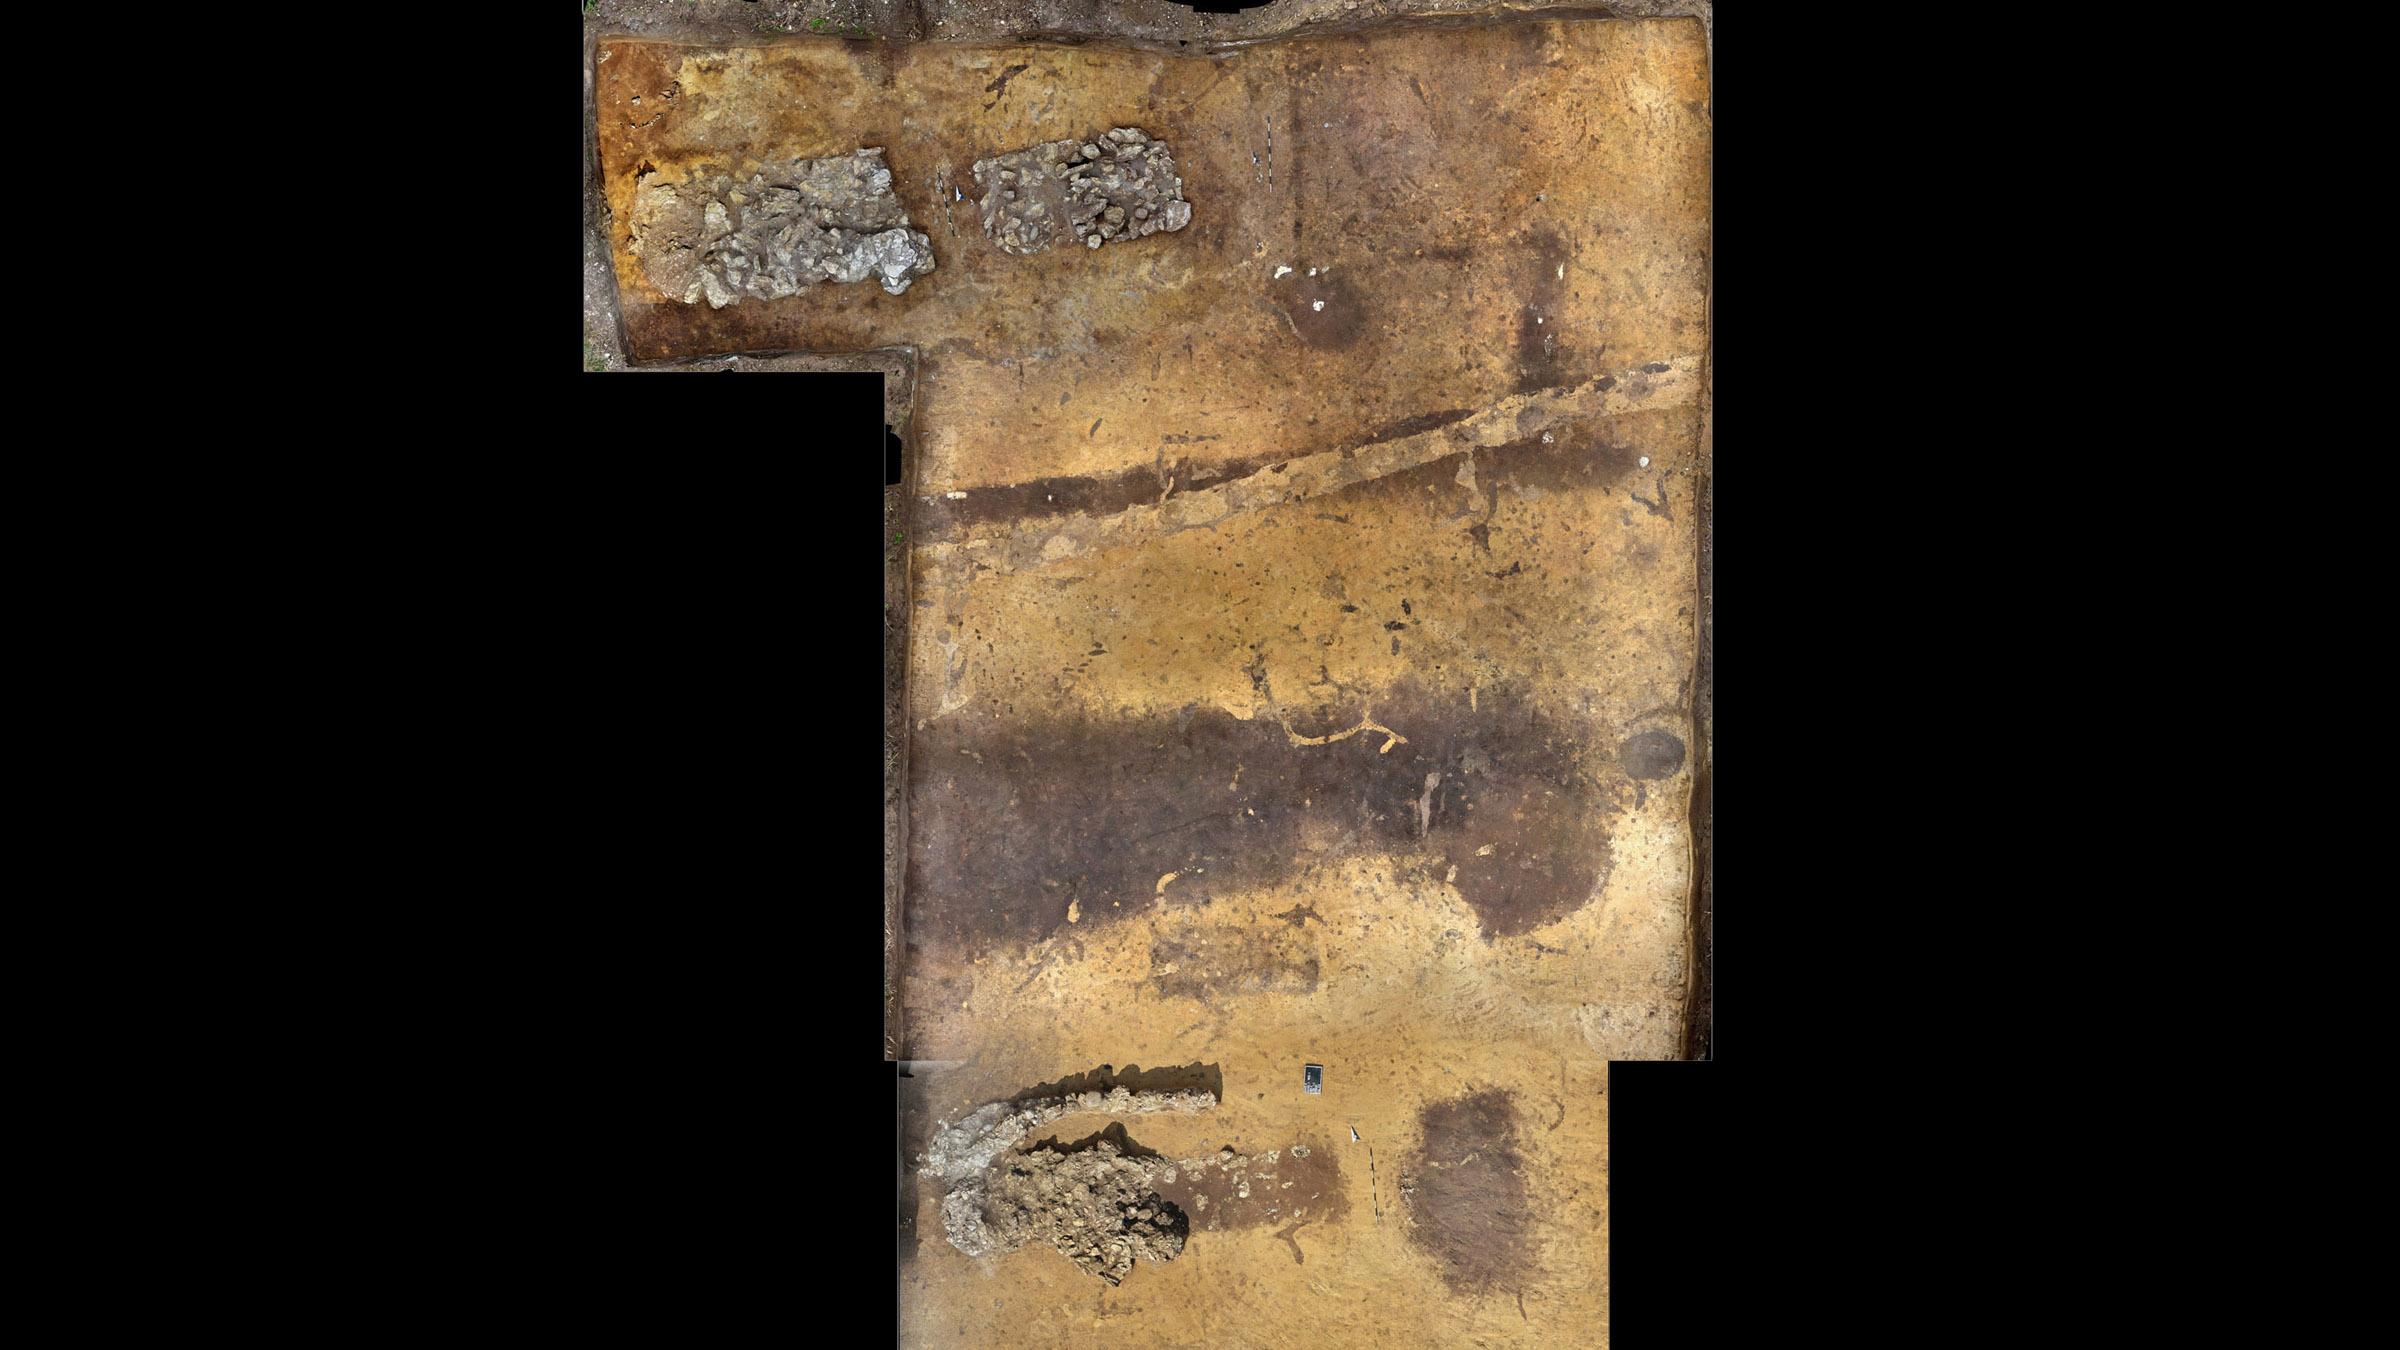 Chaque brouette était faite de remparts de terre empilés au-dessus de tombes centrales bordées de pierres, qui étaient entourées d'un fossé et de palissades de poteaux en bois.